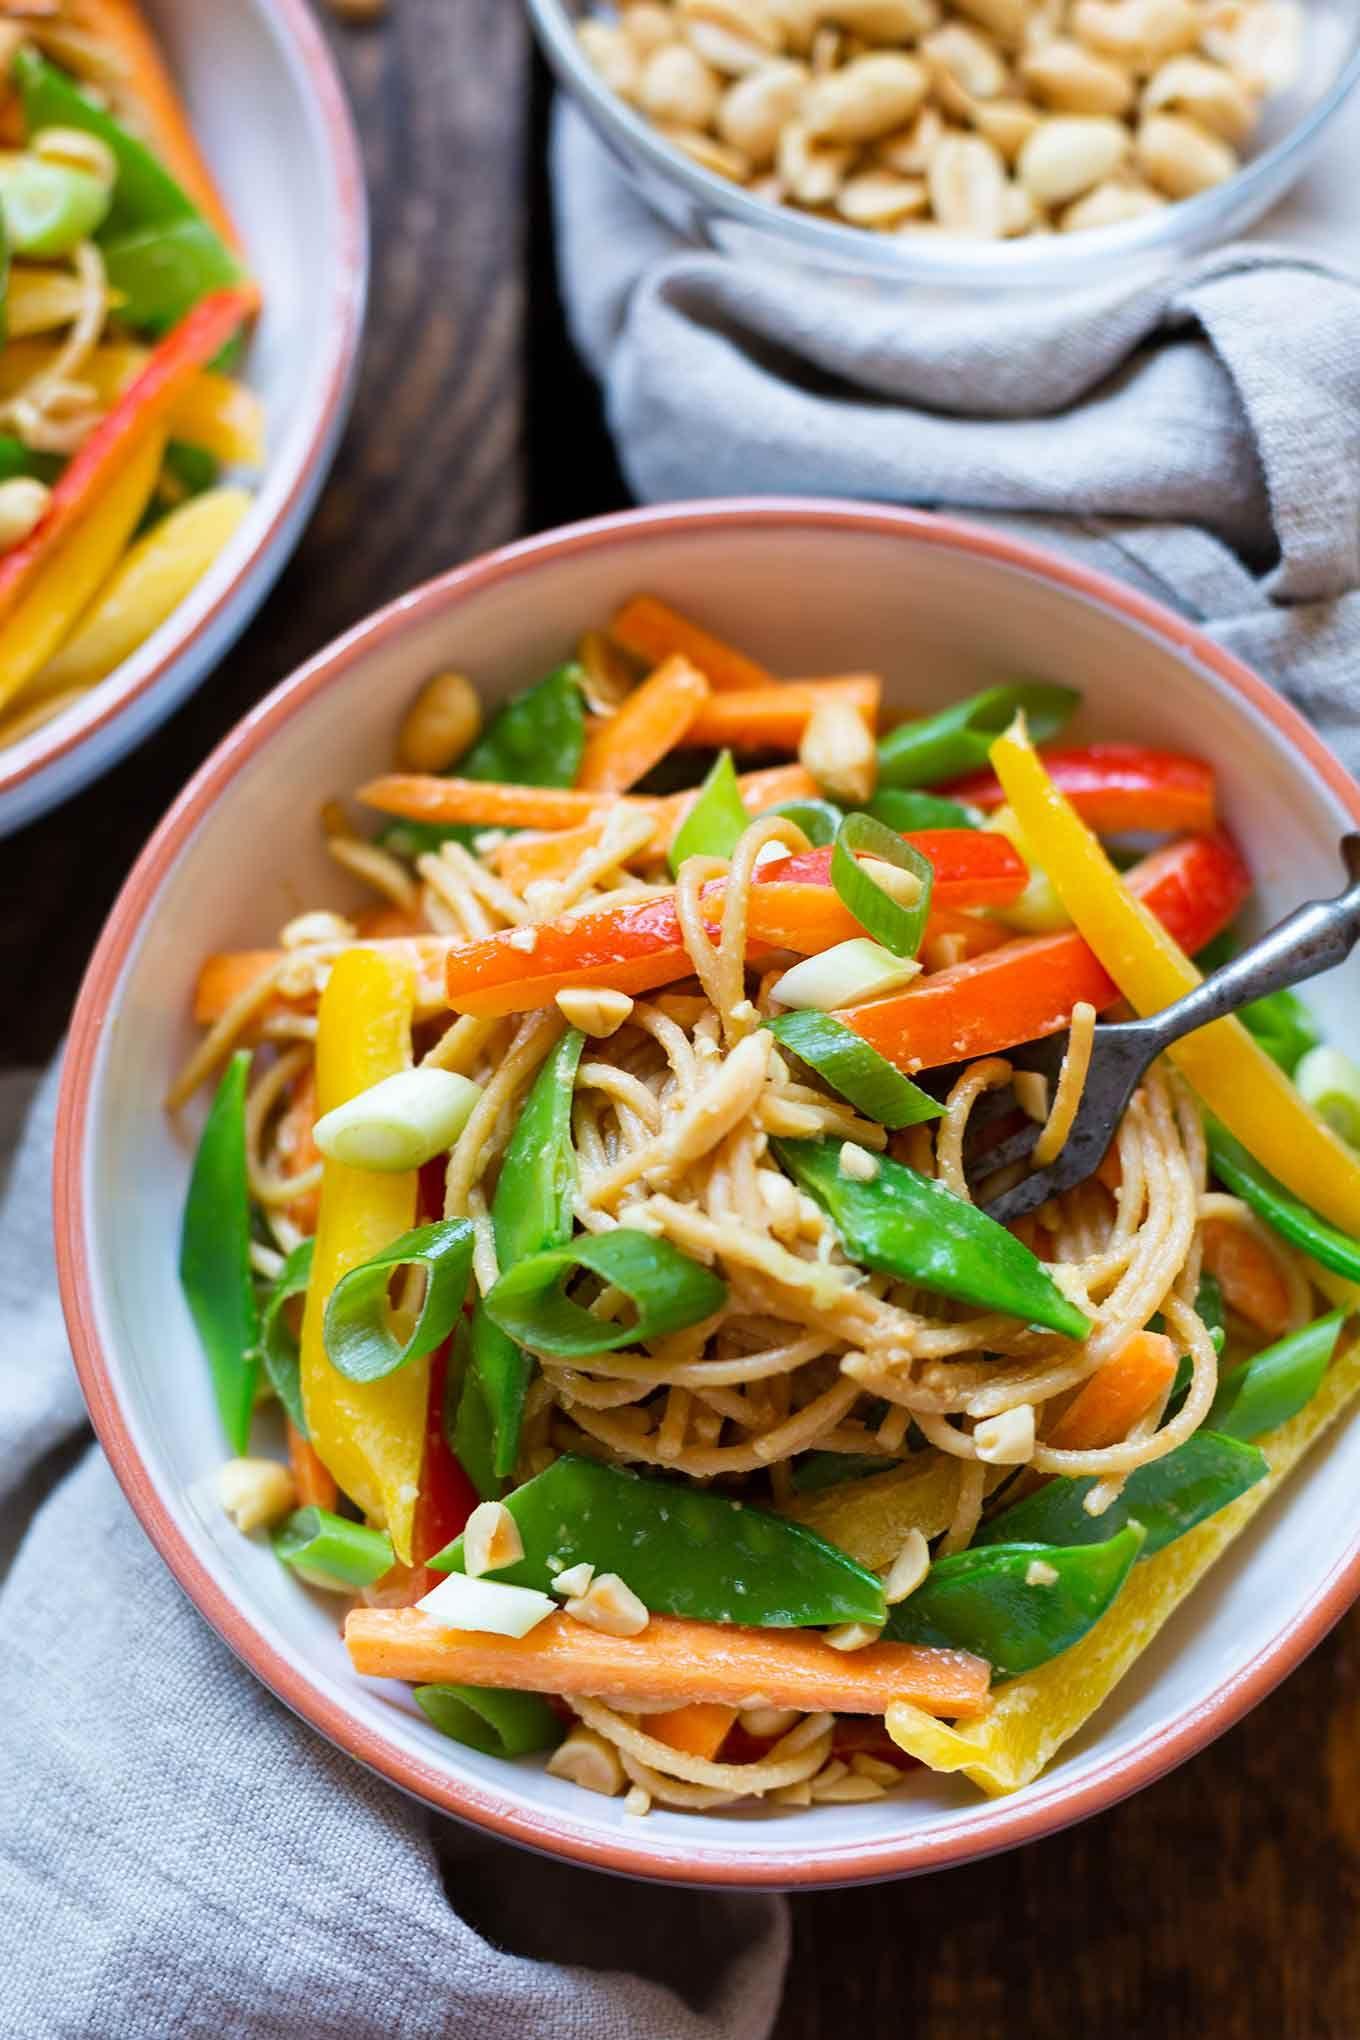 Asiatischer Nudelsalat mit Erdnusssauce Asiatischer Nudelsalat mit Erdnusssauce. Dieses schnelle Rezept ist super einfach und SO gut. Perfekt für Picknick und Grillen! -